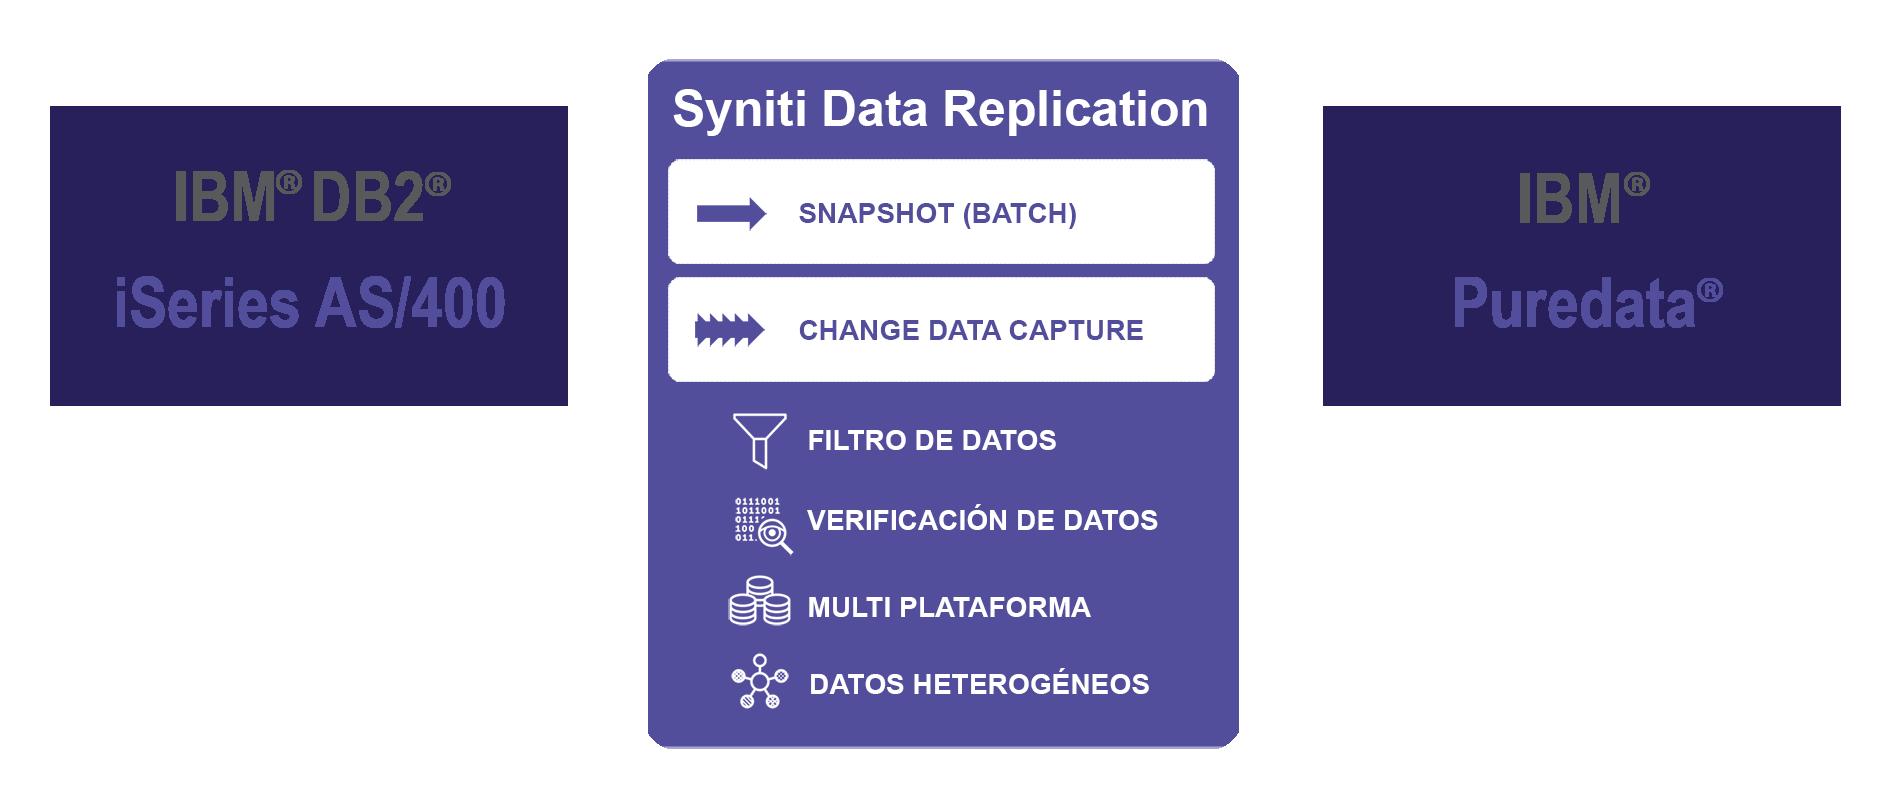 Replicación de datos DB2/i a Puredata en tiempo real